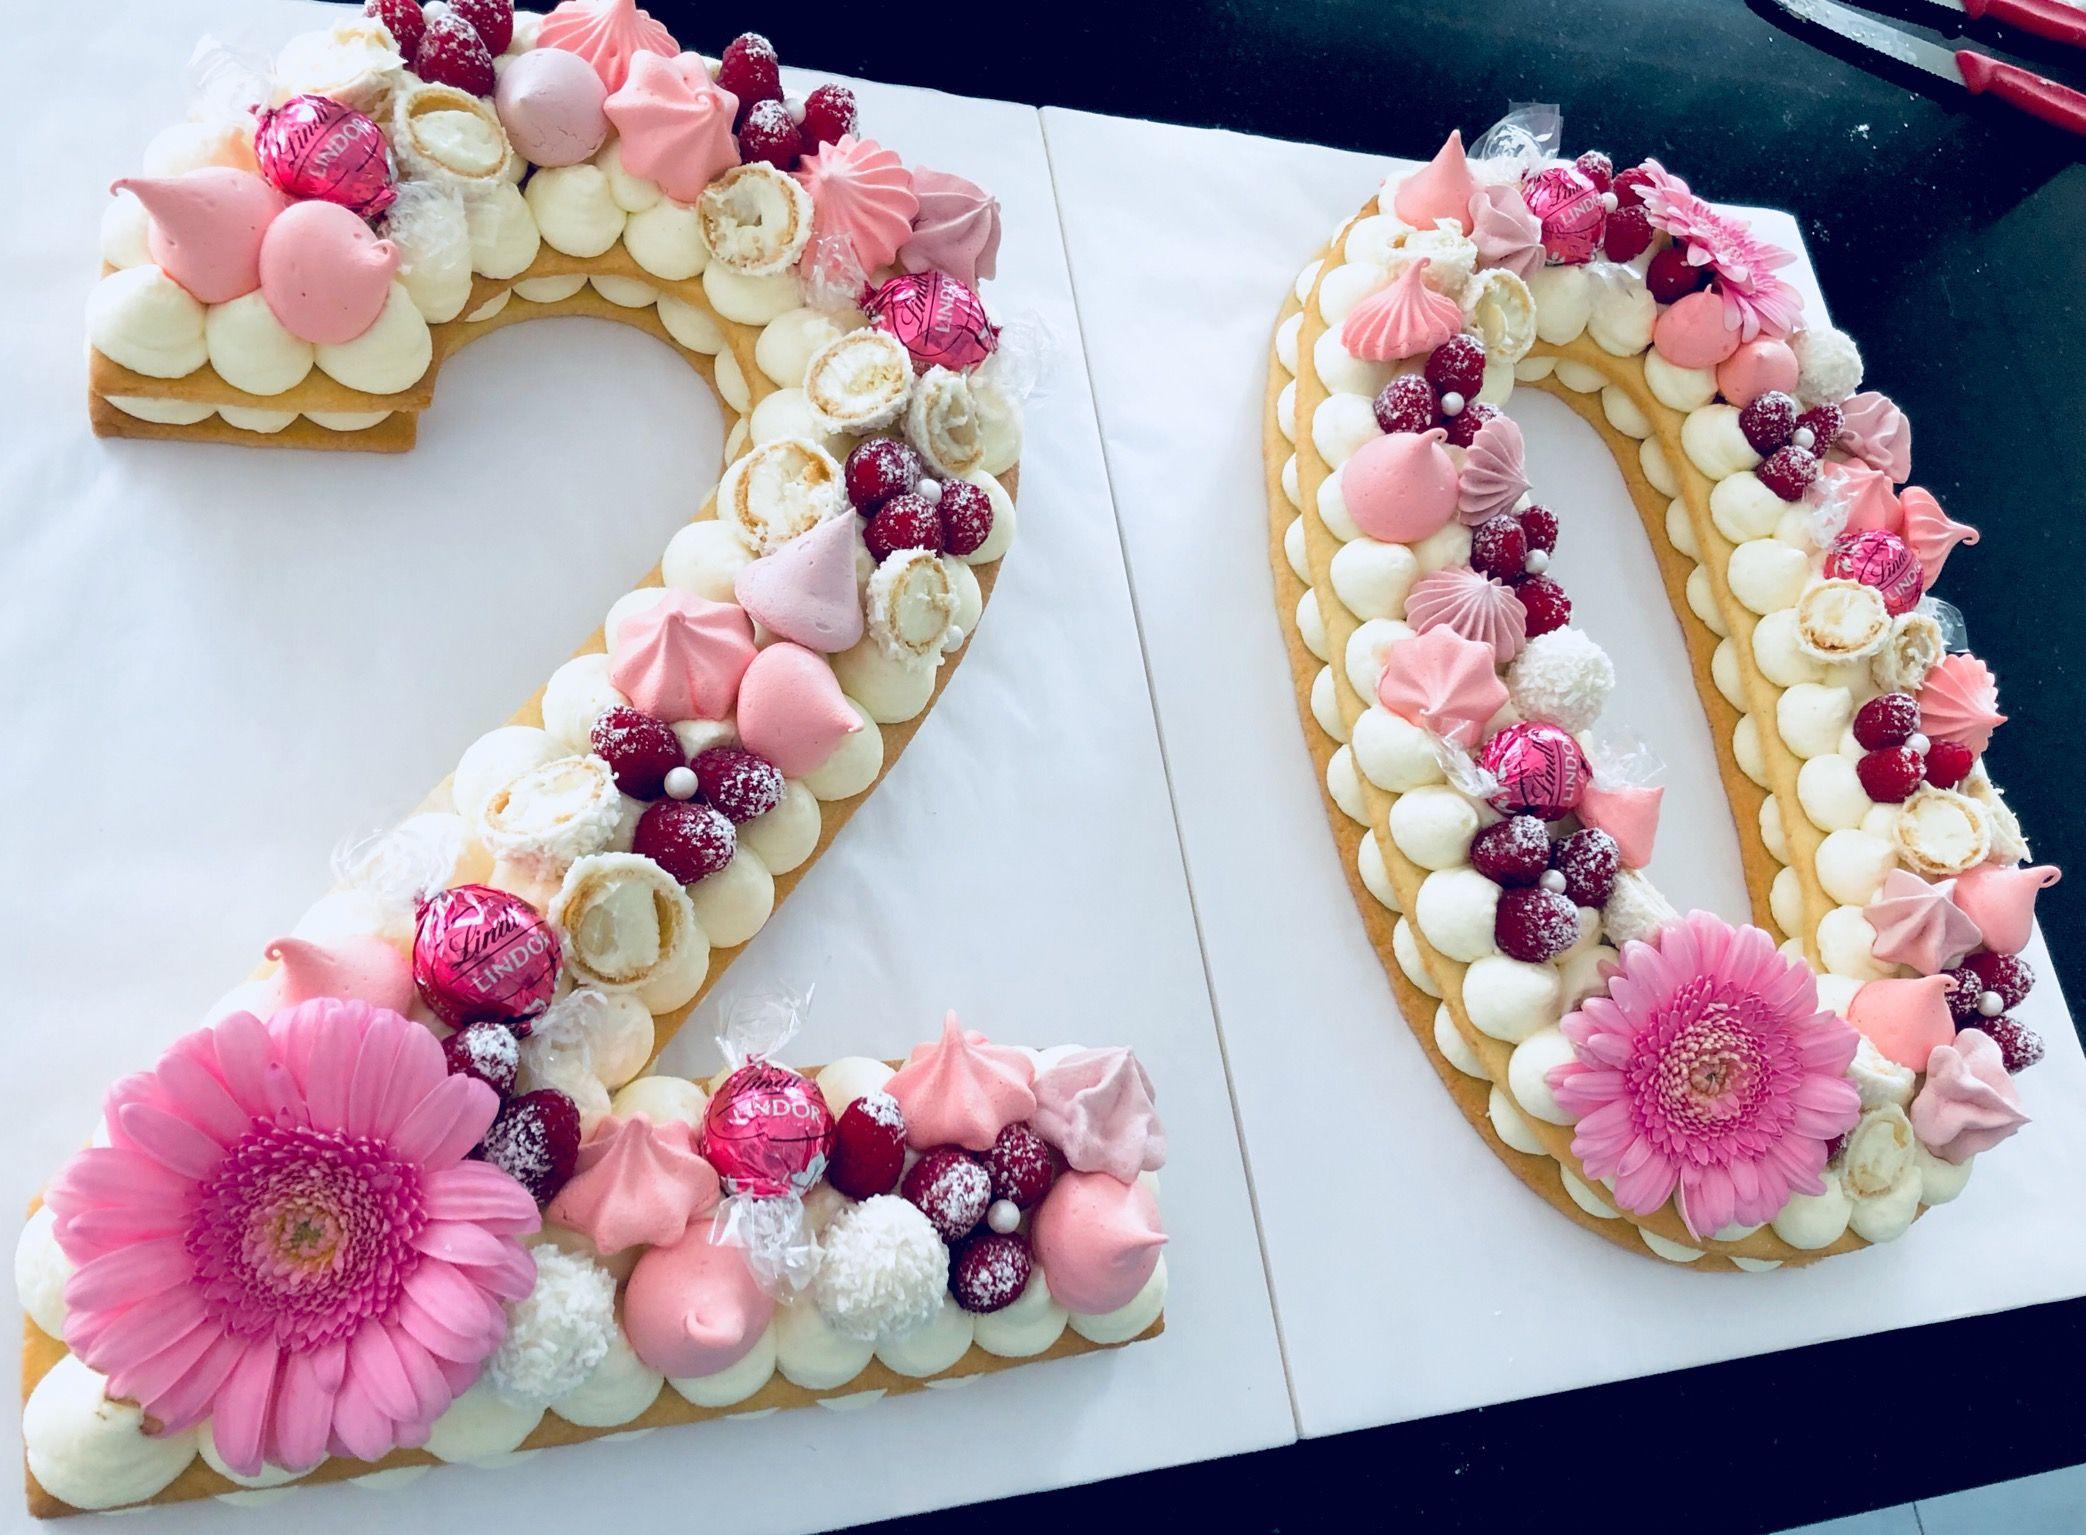 Zahlentorte Mit Bildern Torte 50 Geburtstag Kuchen Geburtstag